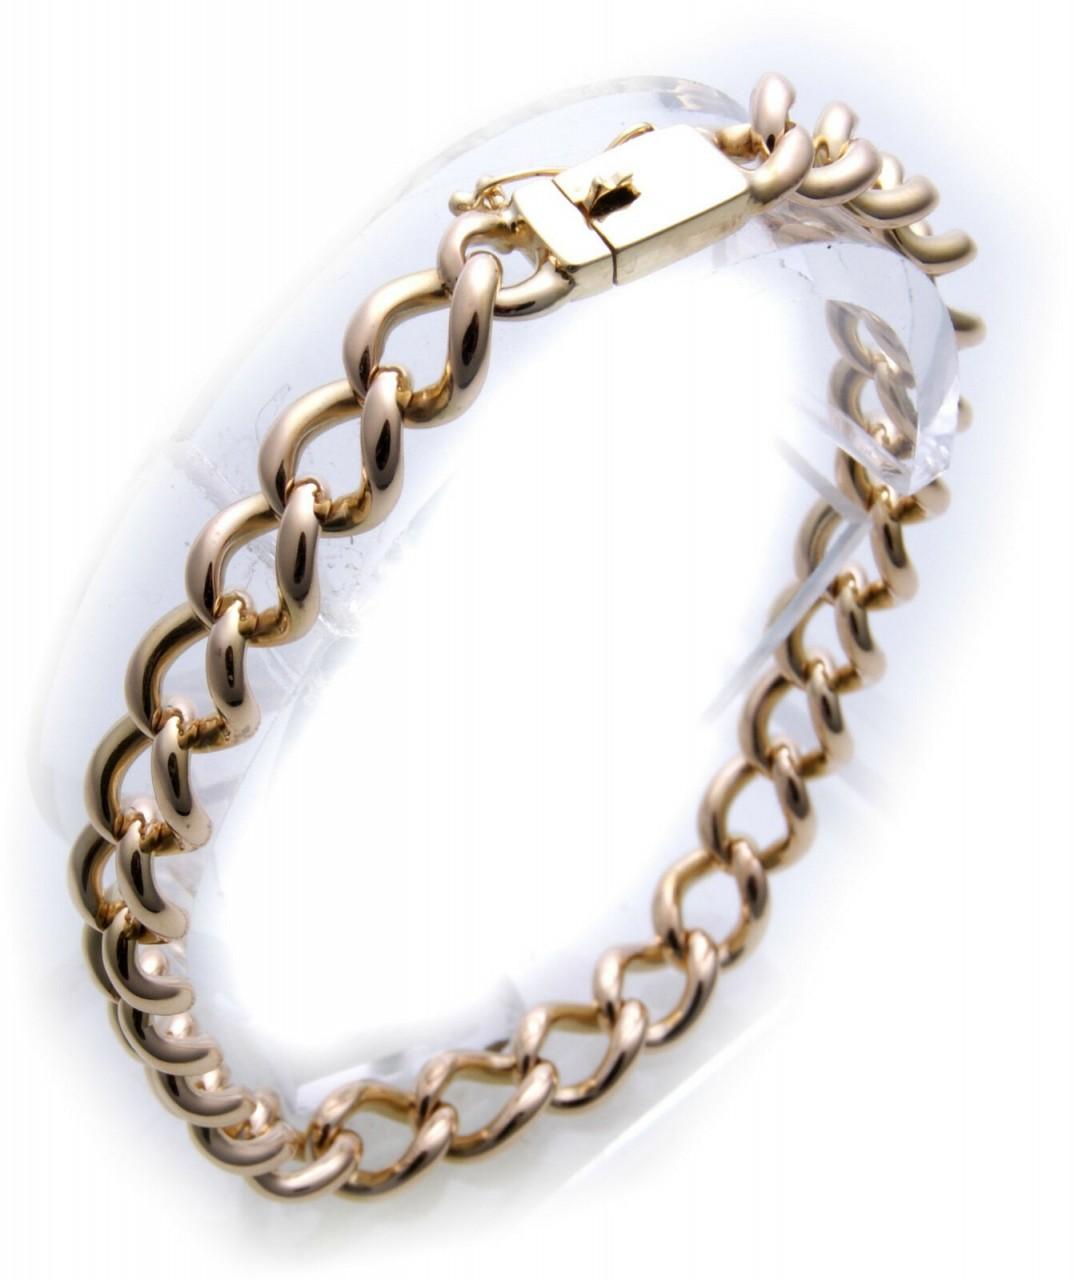 Sonderpreis schweres Armband Panzerkette echt Gold 585 14kt Gelbgold Damen